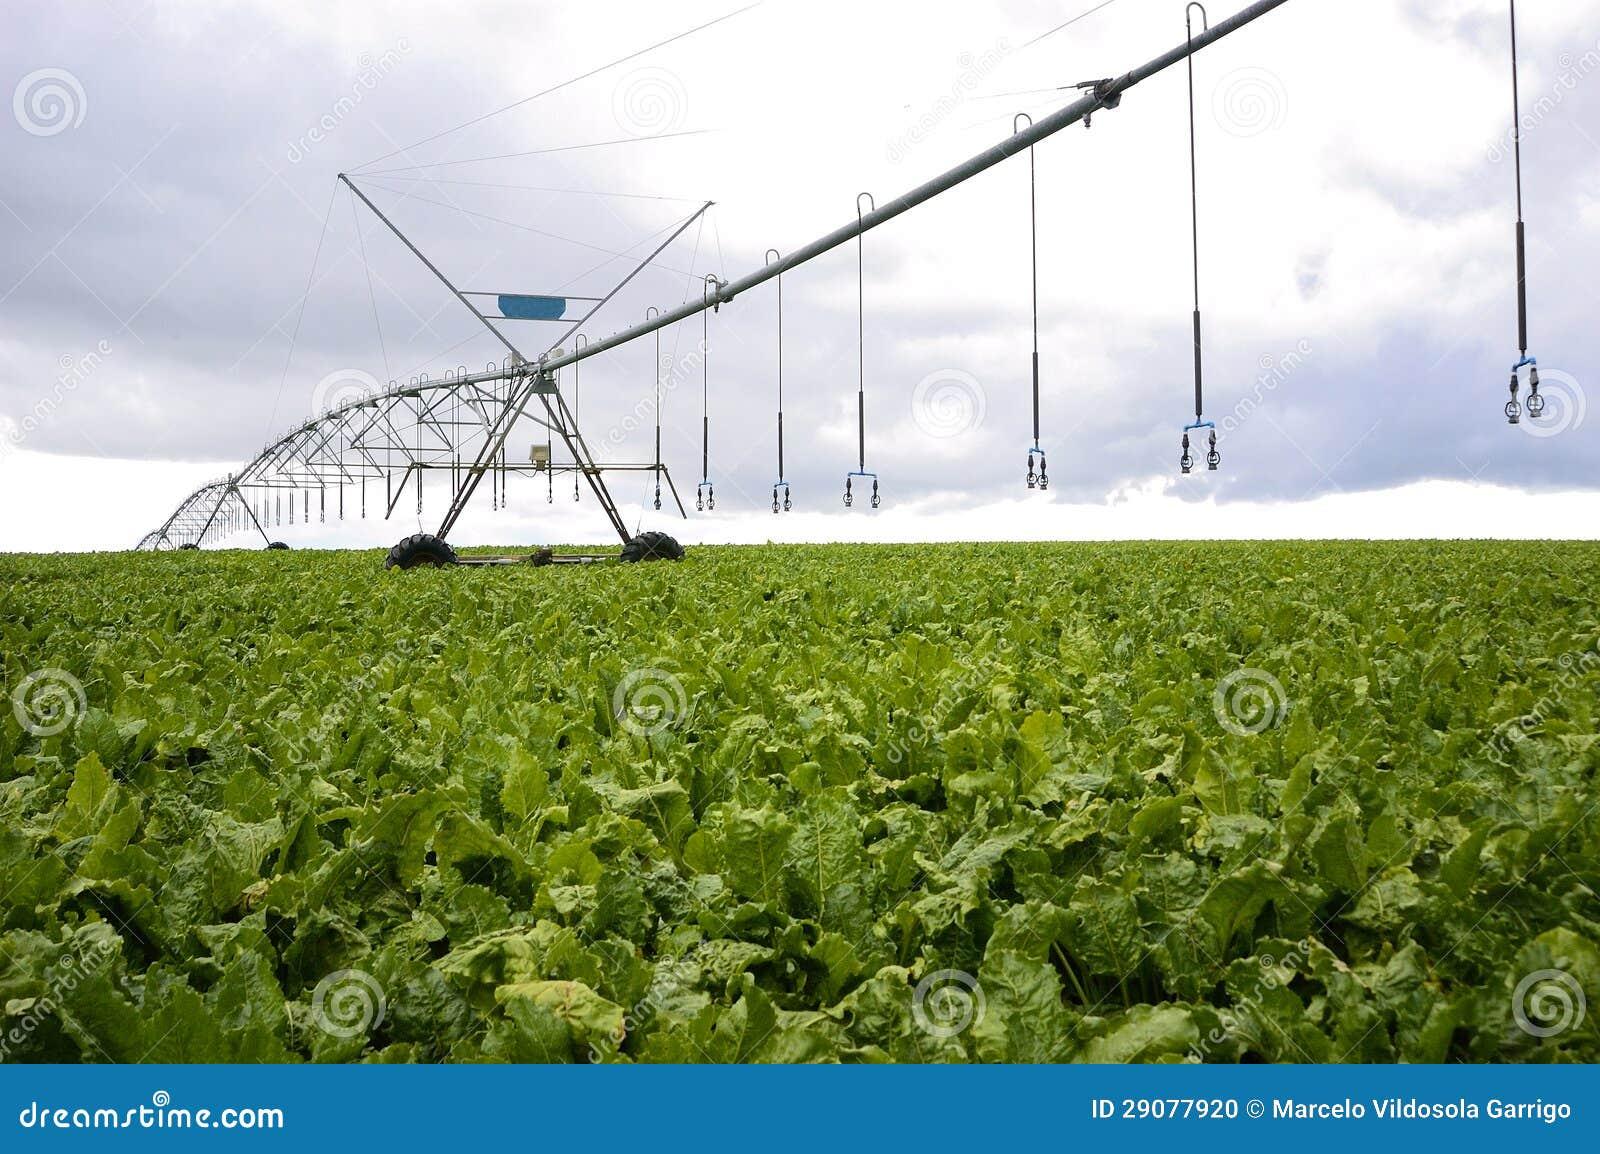 Barbabietole con il sistema di irrigazione a pioggia for Sistema irrigazione